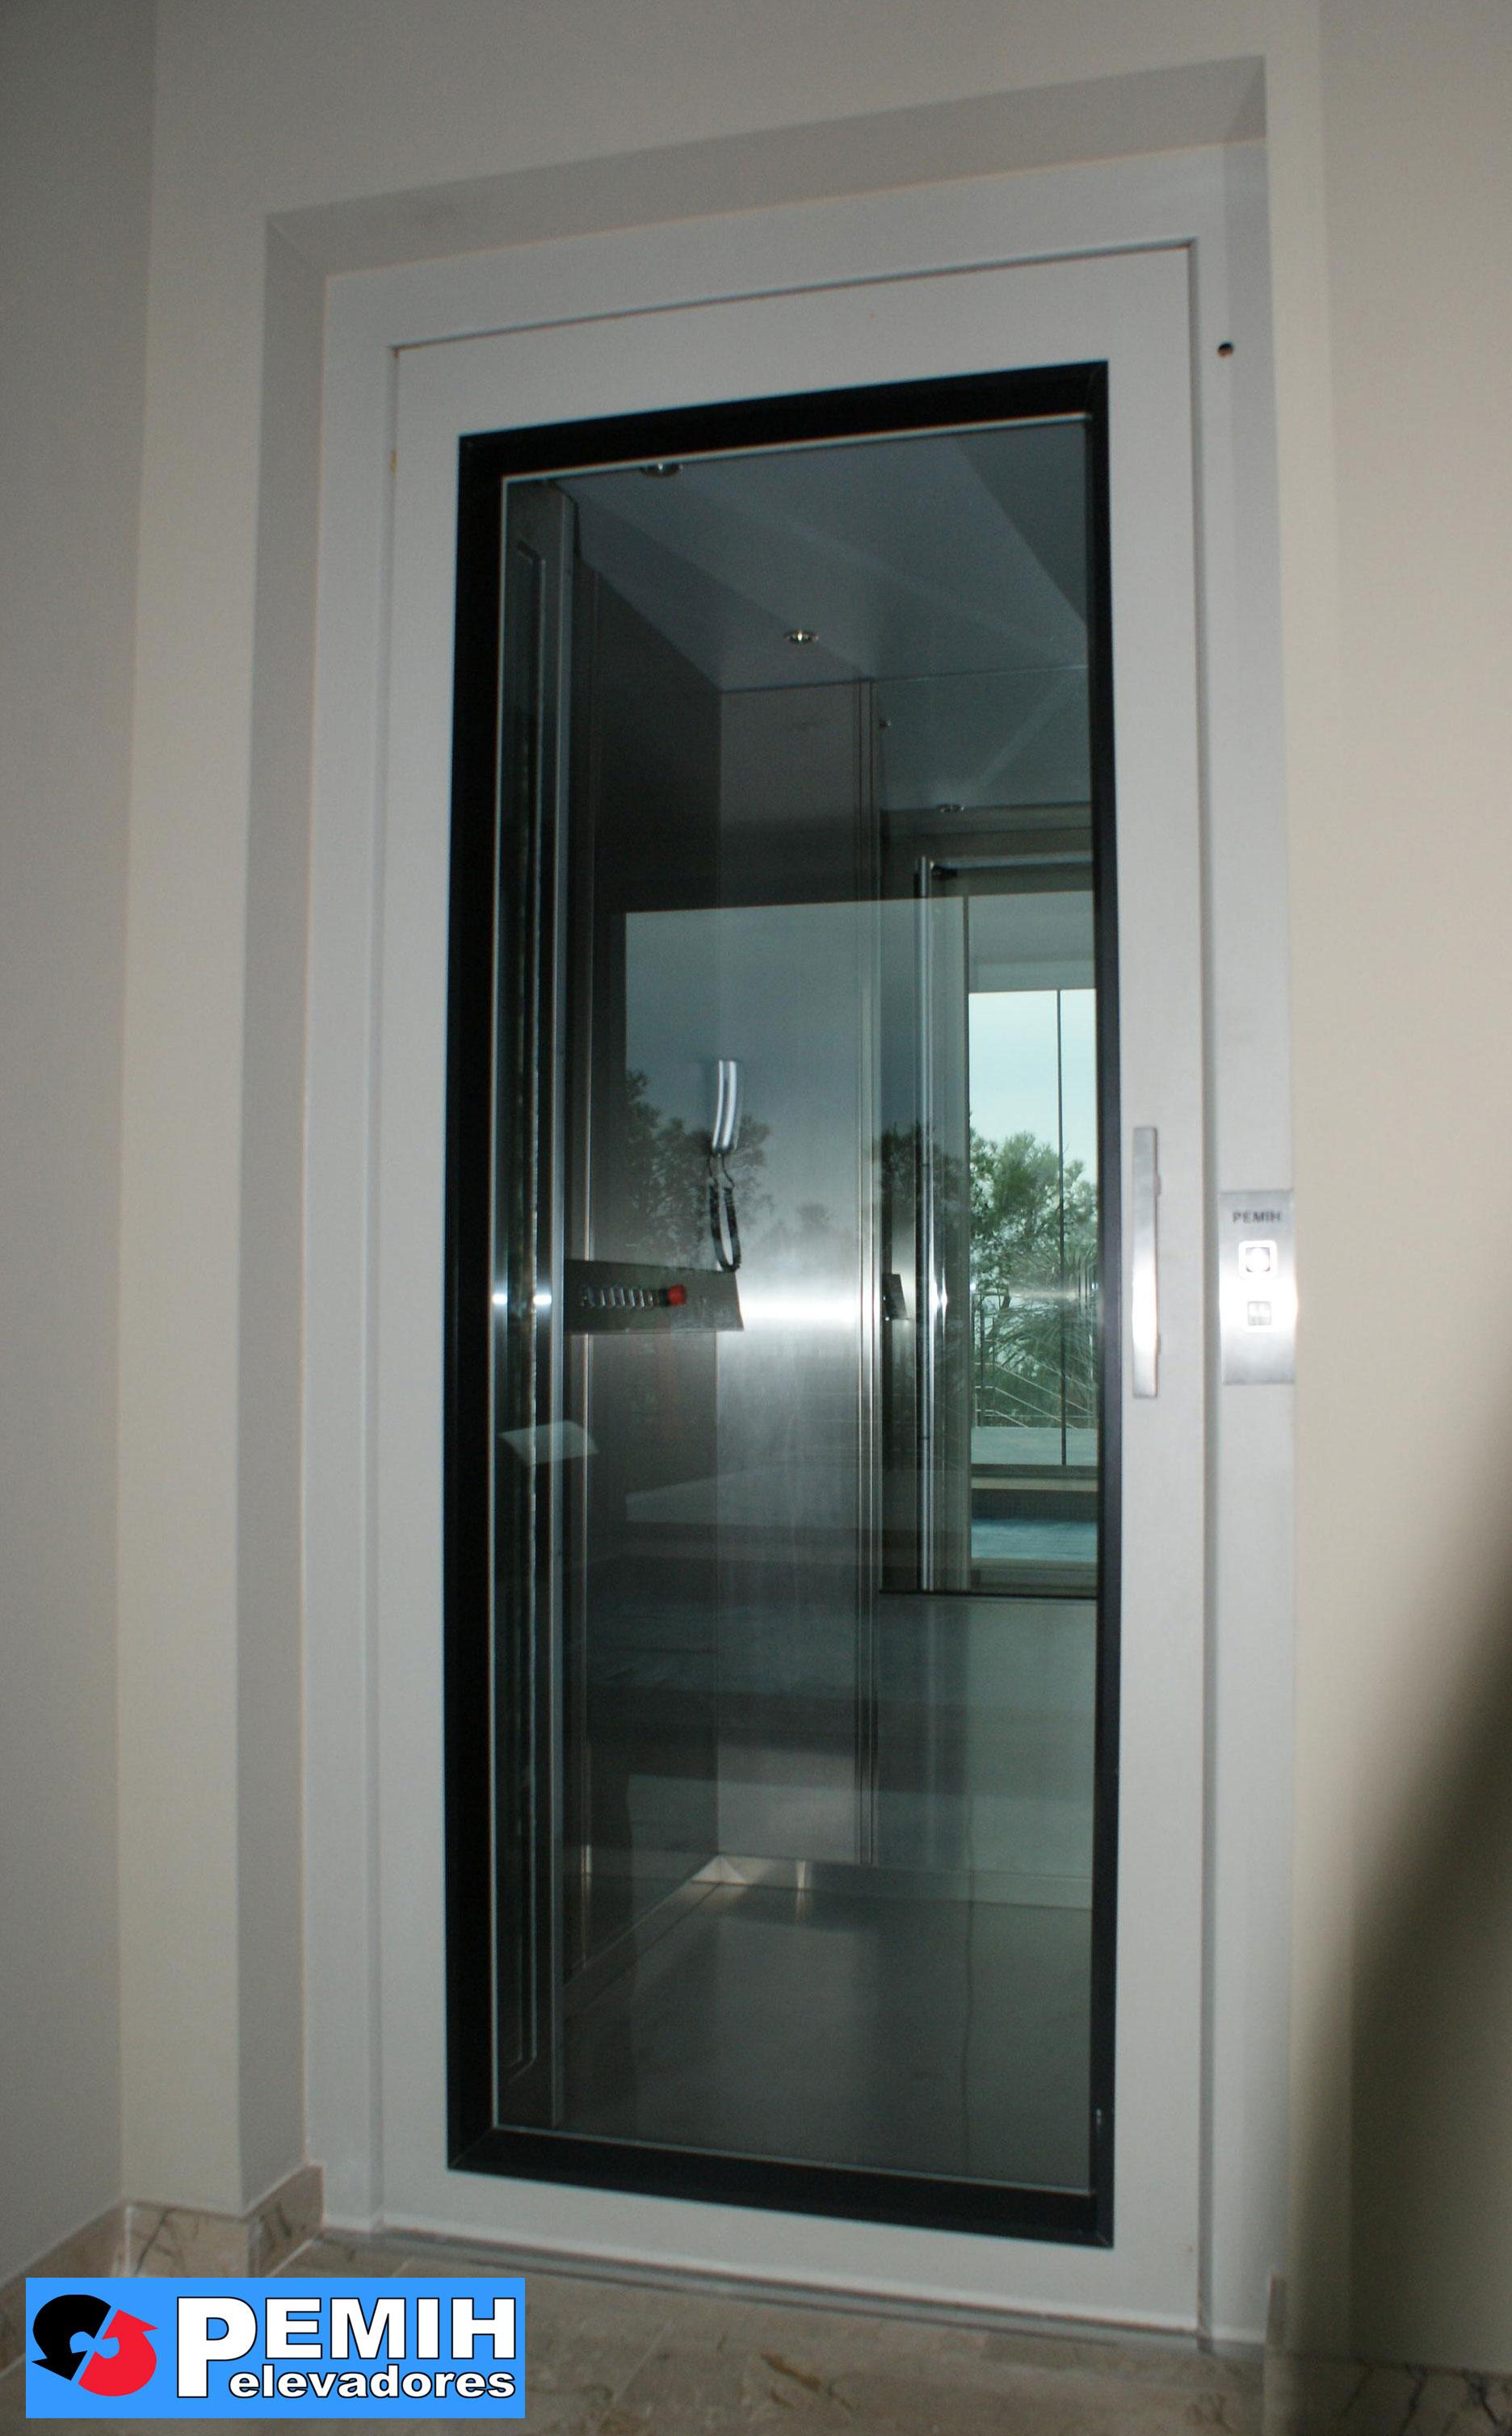 Ascensor unifamiliar pemih elevadores - Ascensores para viviendas unifamiliares ...